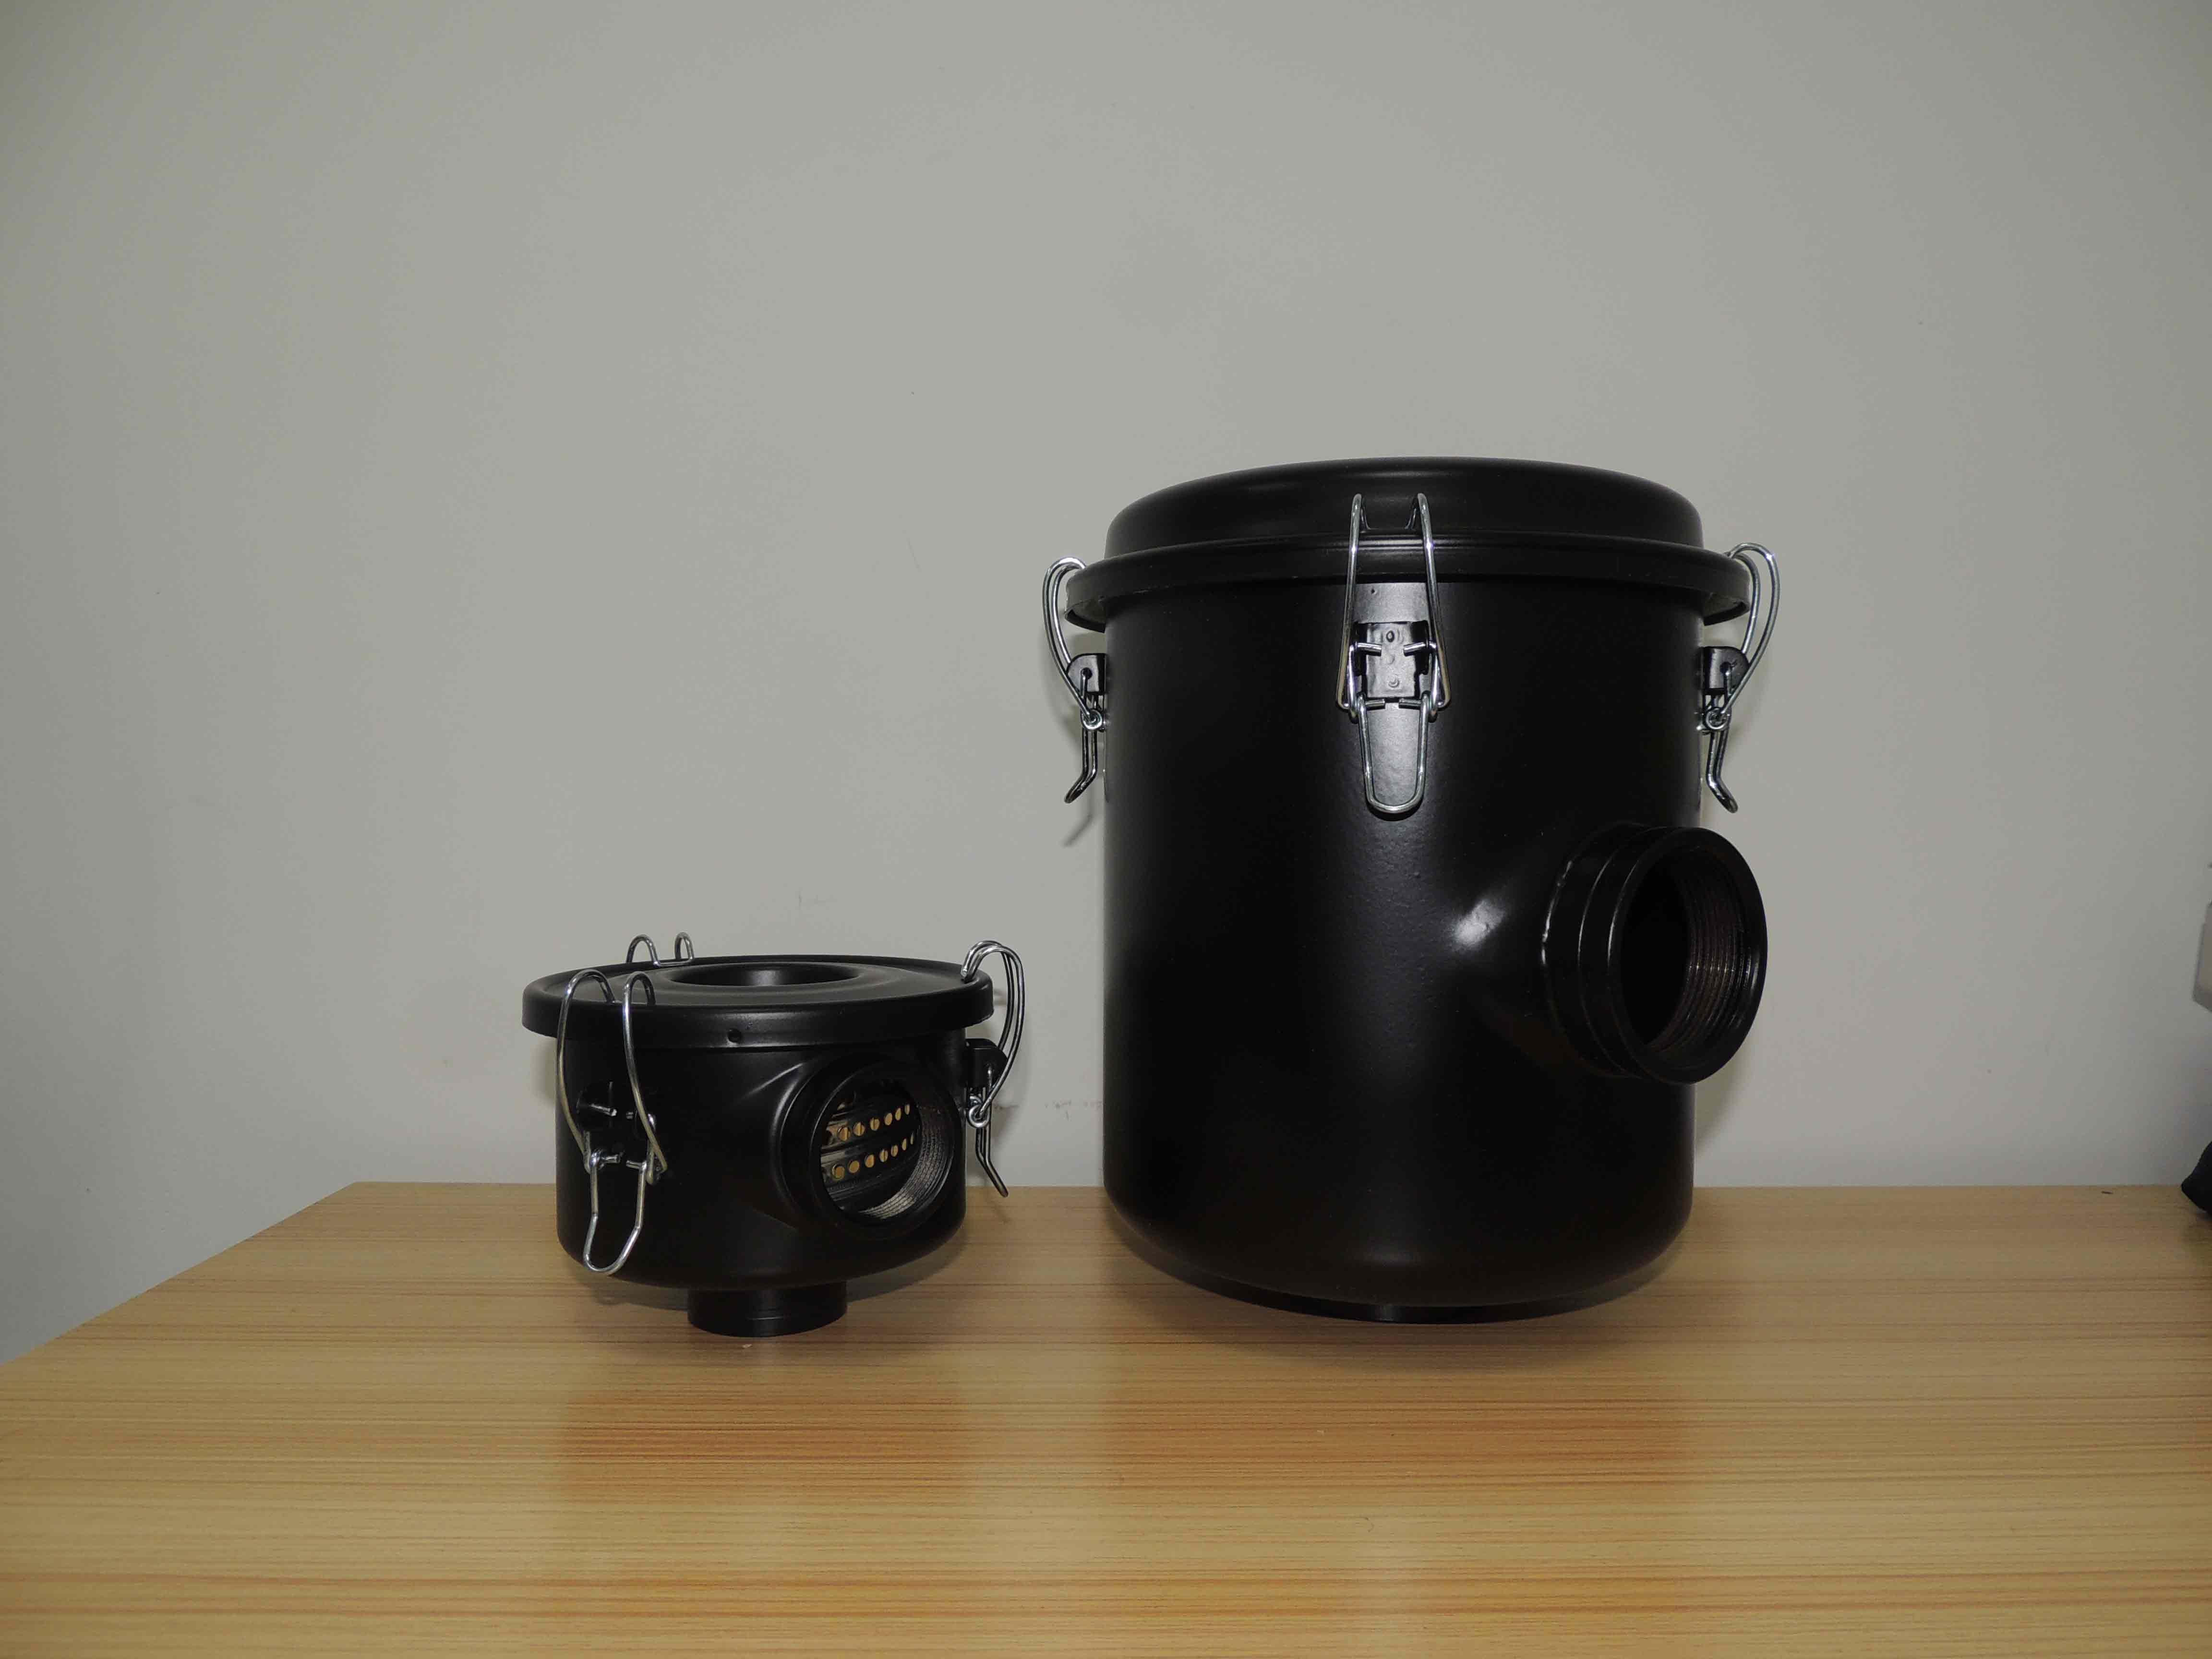 濟南U5.200真空泵 貝其樂 合適 物超所值